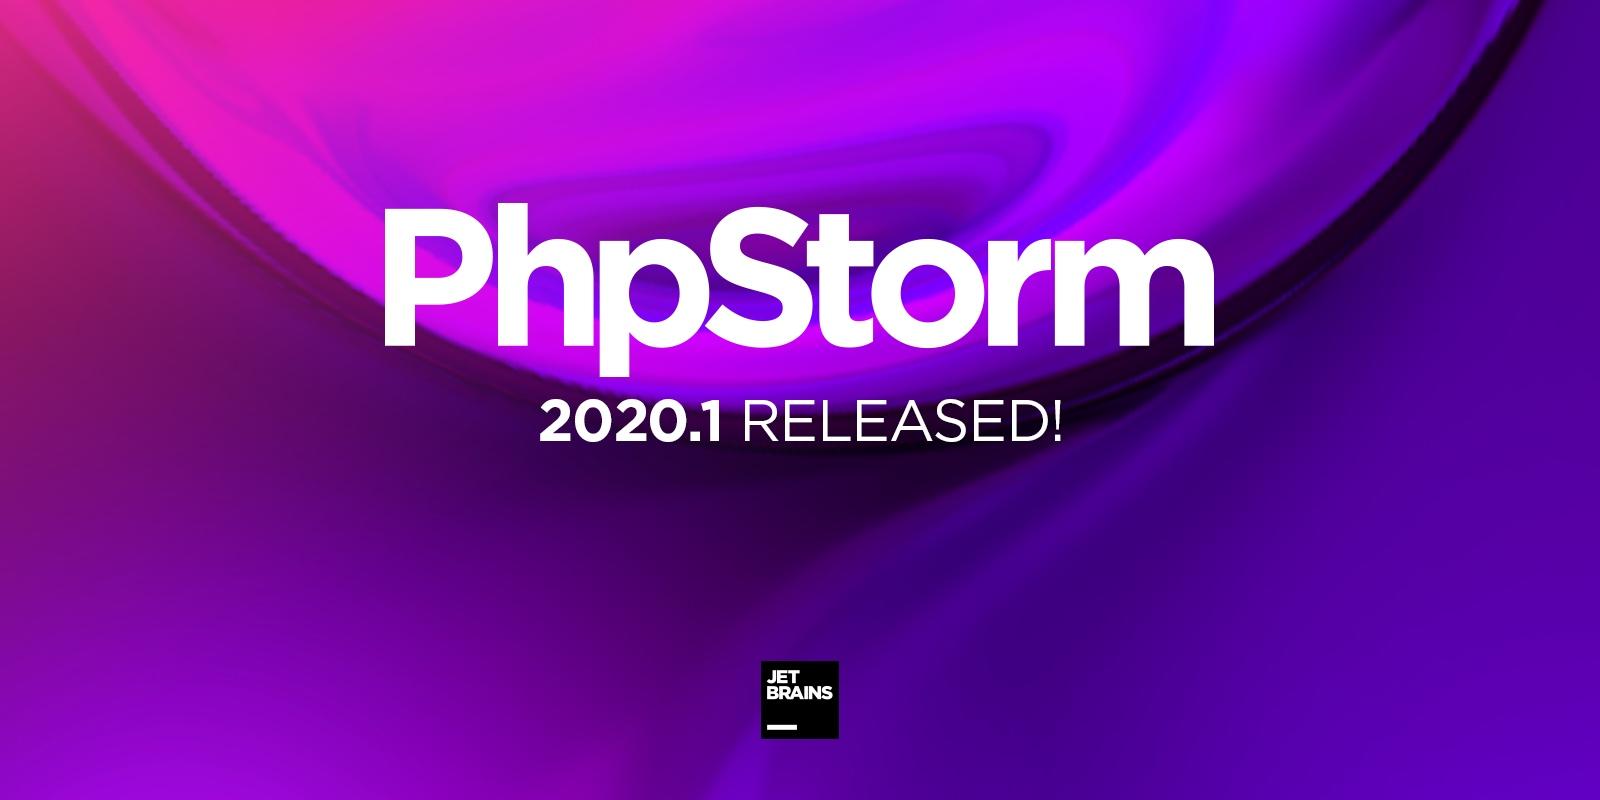 PhpStorm 2020.1: поддержка composer.json, инструменты для PHPUnit, покрытие кода с PCOV и PHPDBG, Grazie и другое - 1